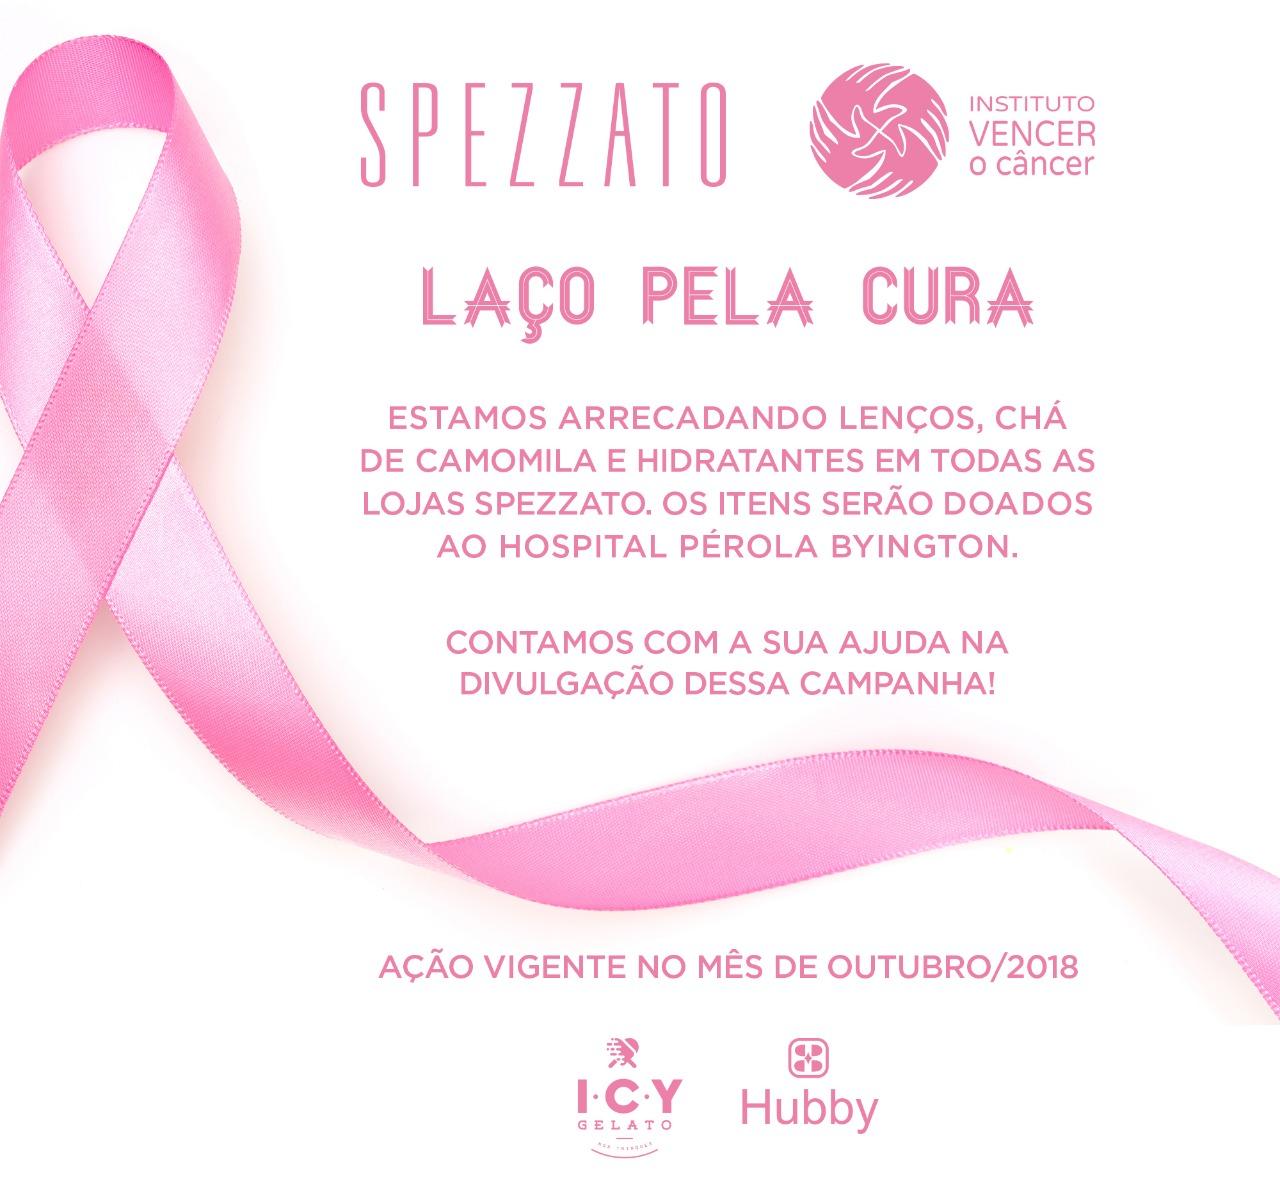 Flyer da campanha IVOC para arrecadação de lenços e hidratantes para pacientes do Hospital Pérola Byington.